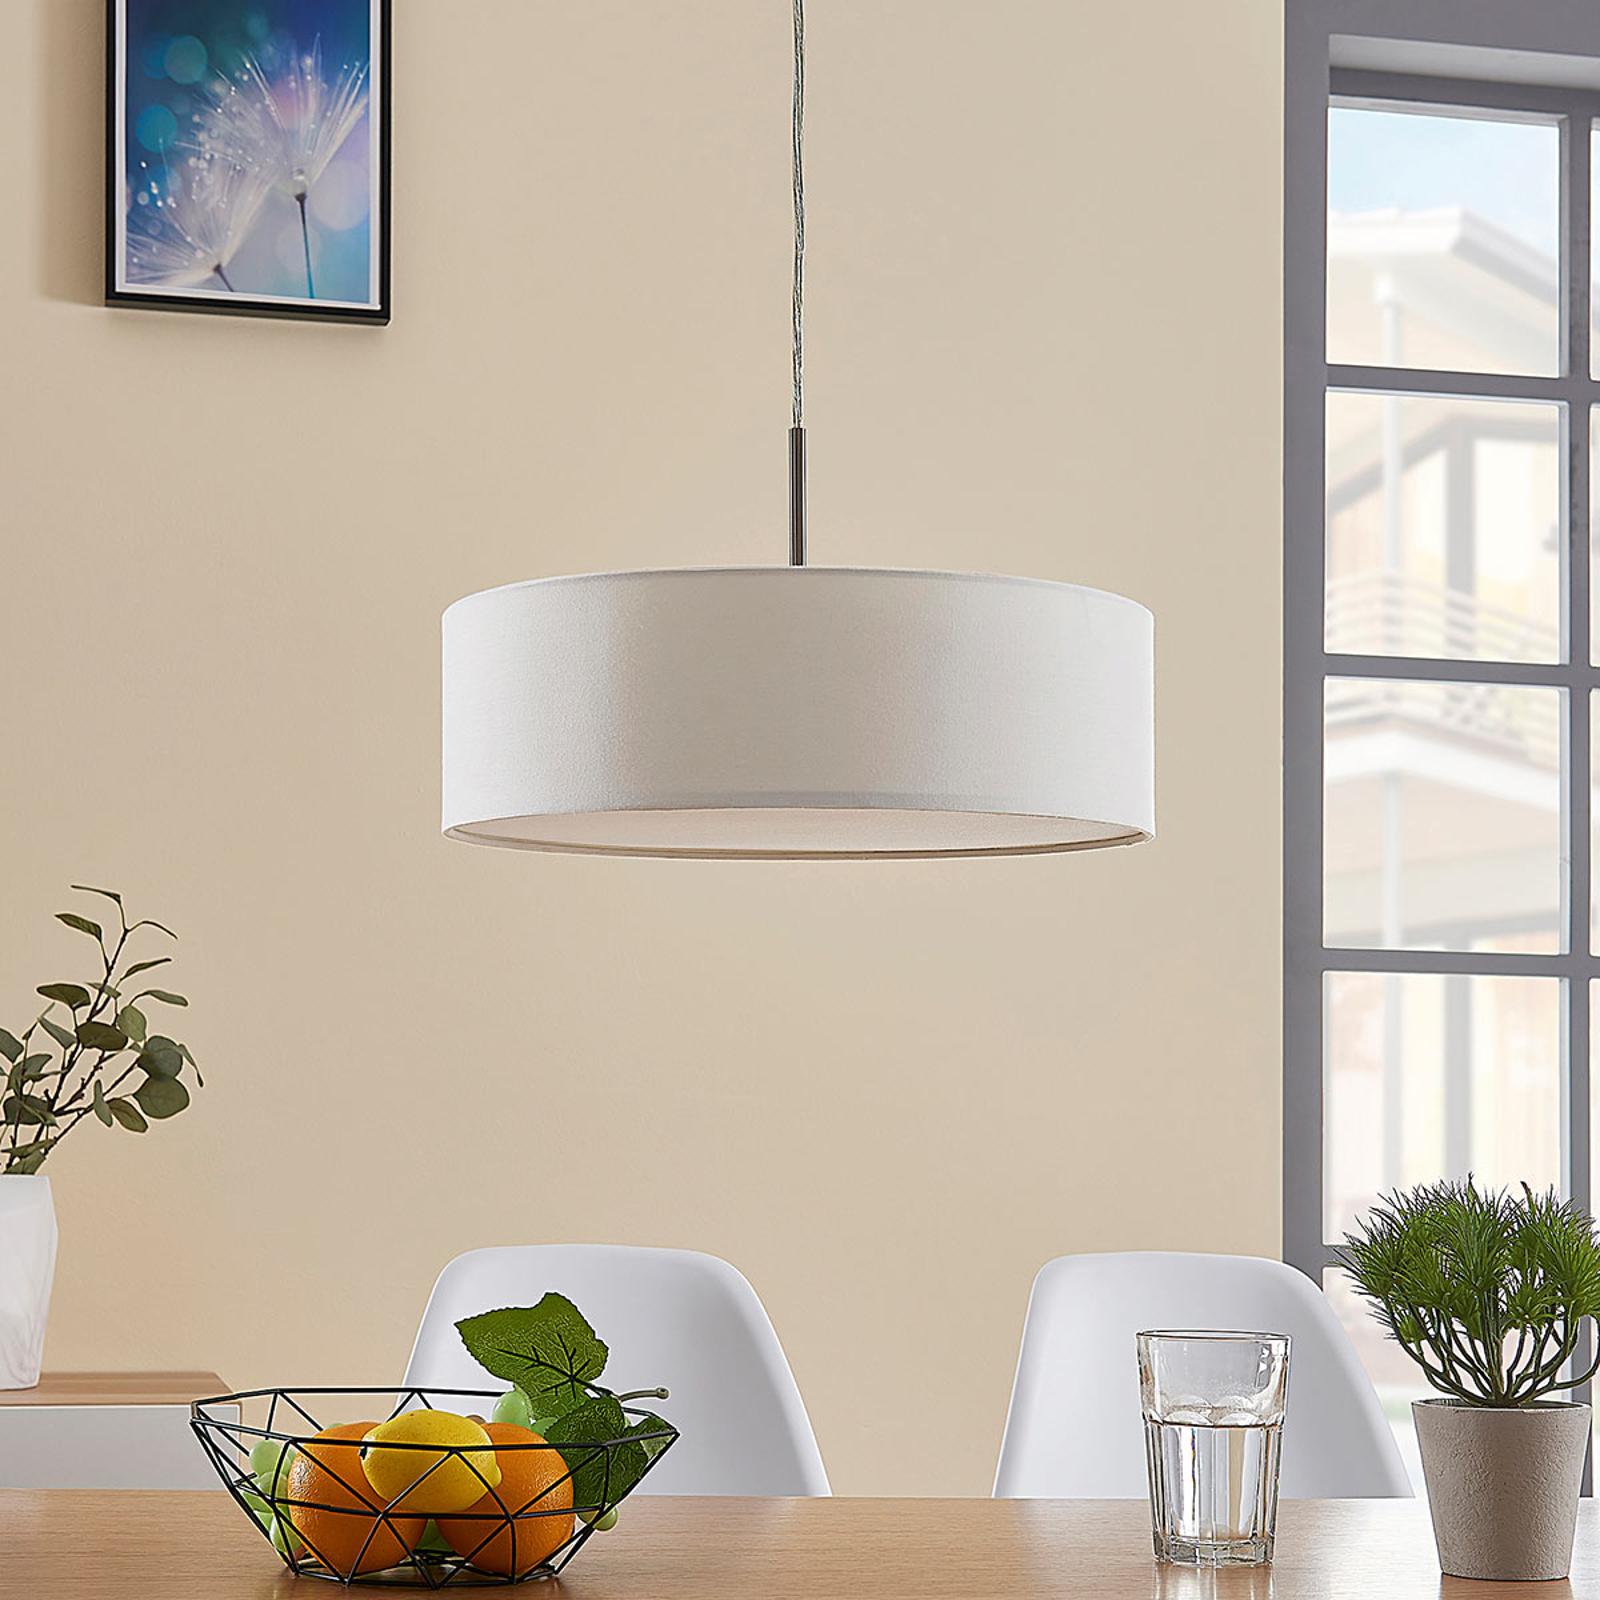 Lámpara suspendidaSebatin de tela color crema